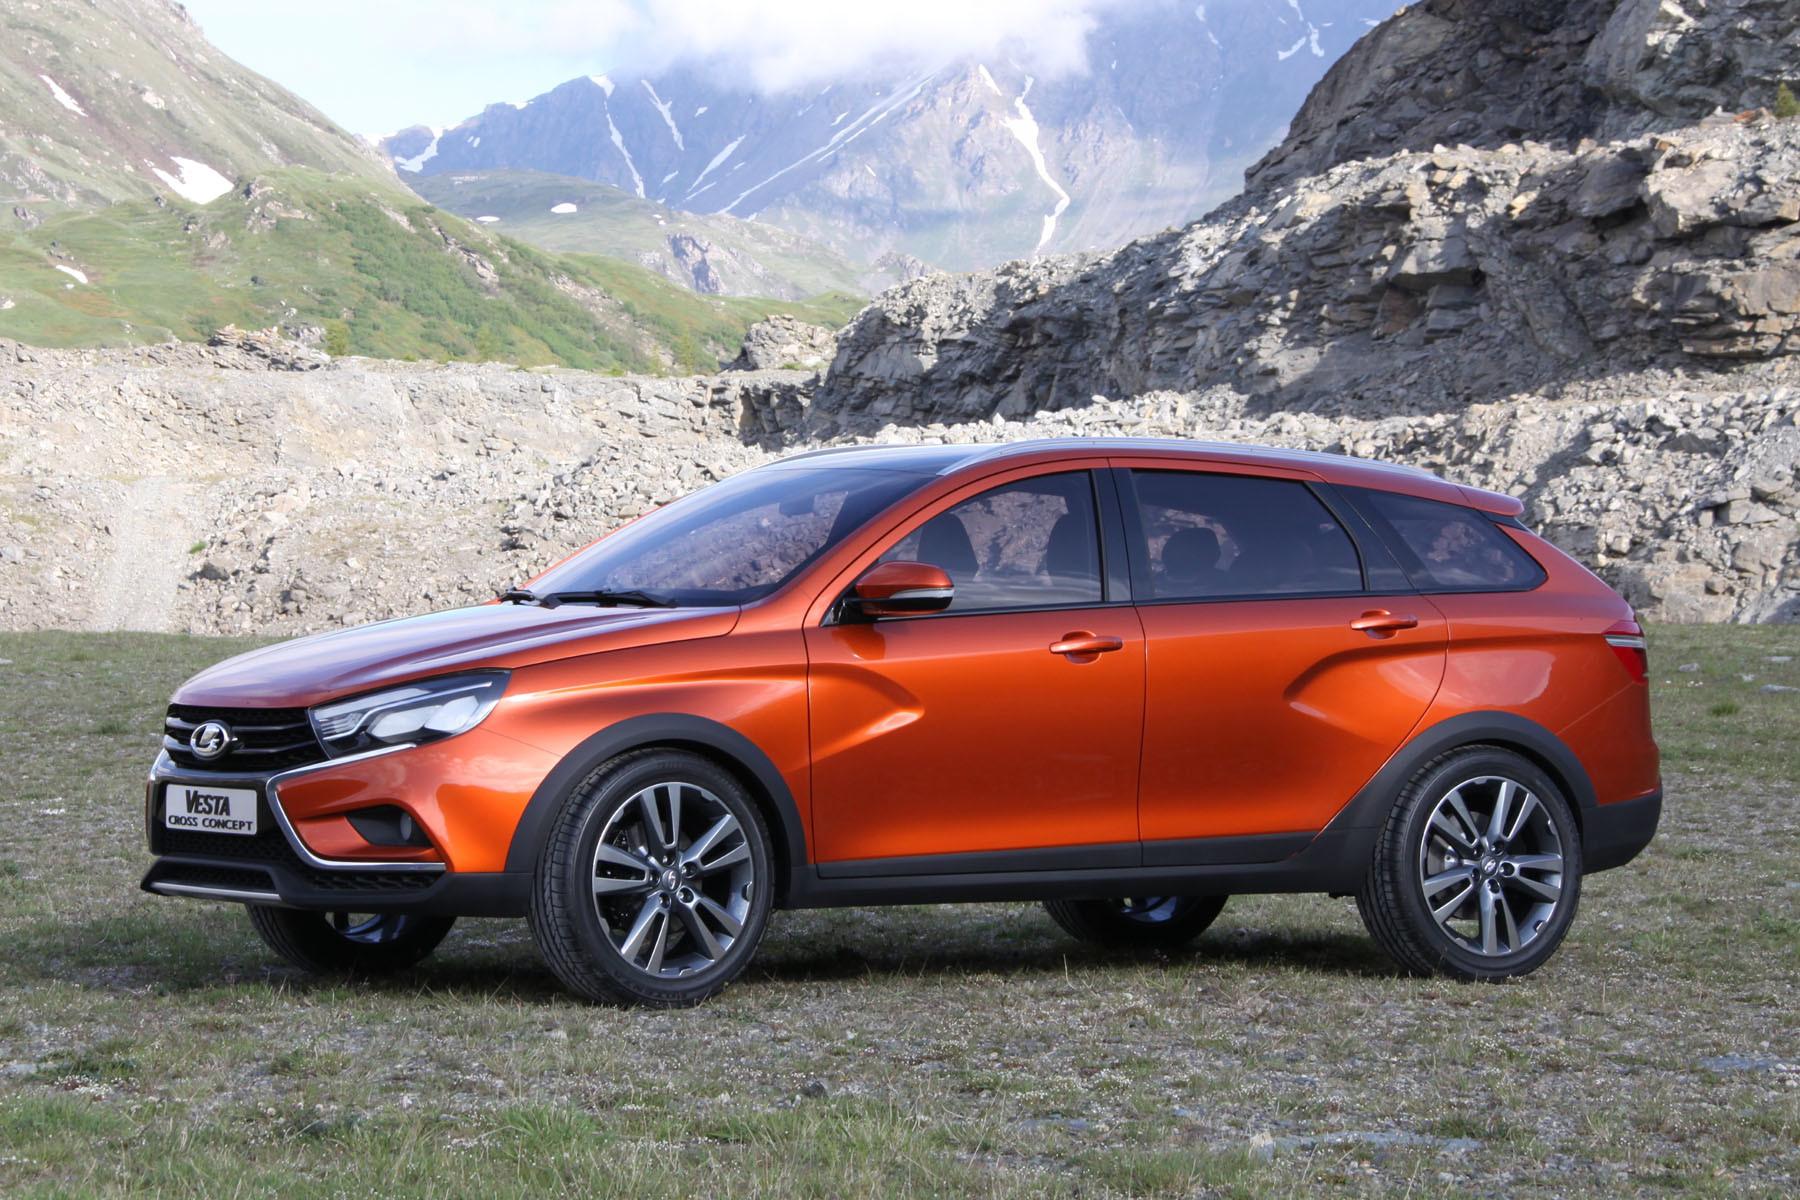 «АвтоВАЗ» продемонстрировал «спортивные» концепты Vesta иXray